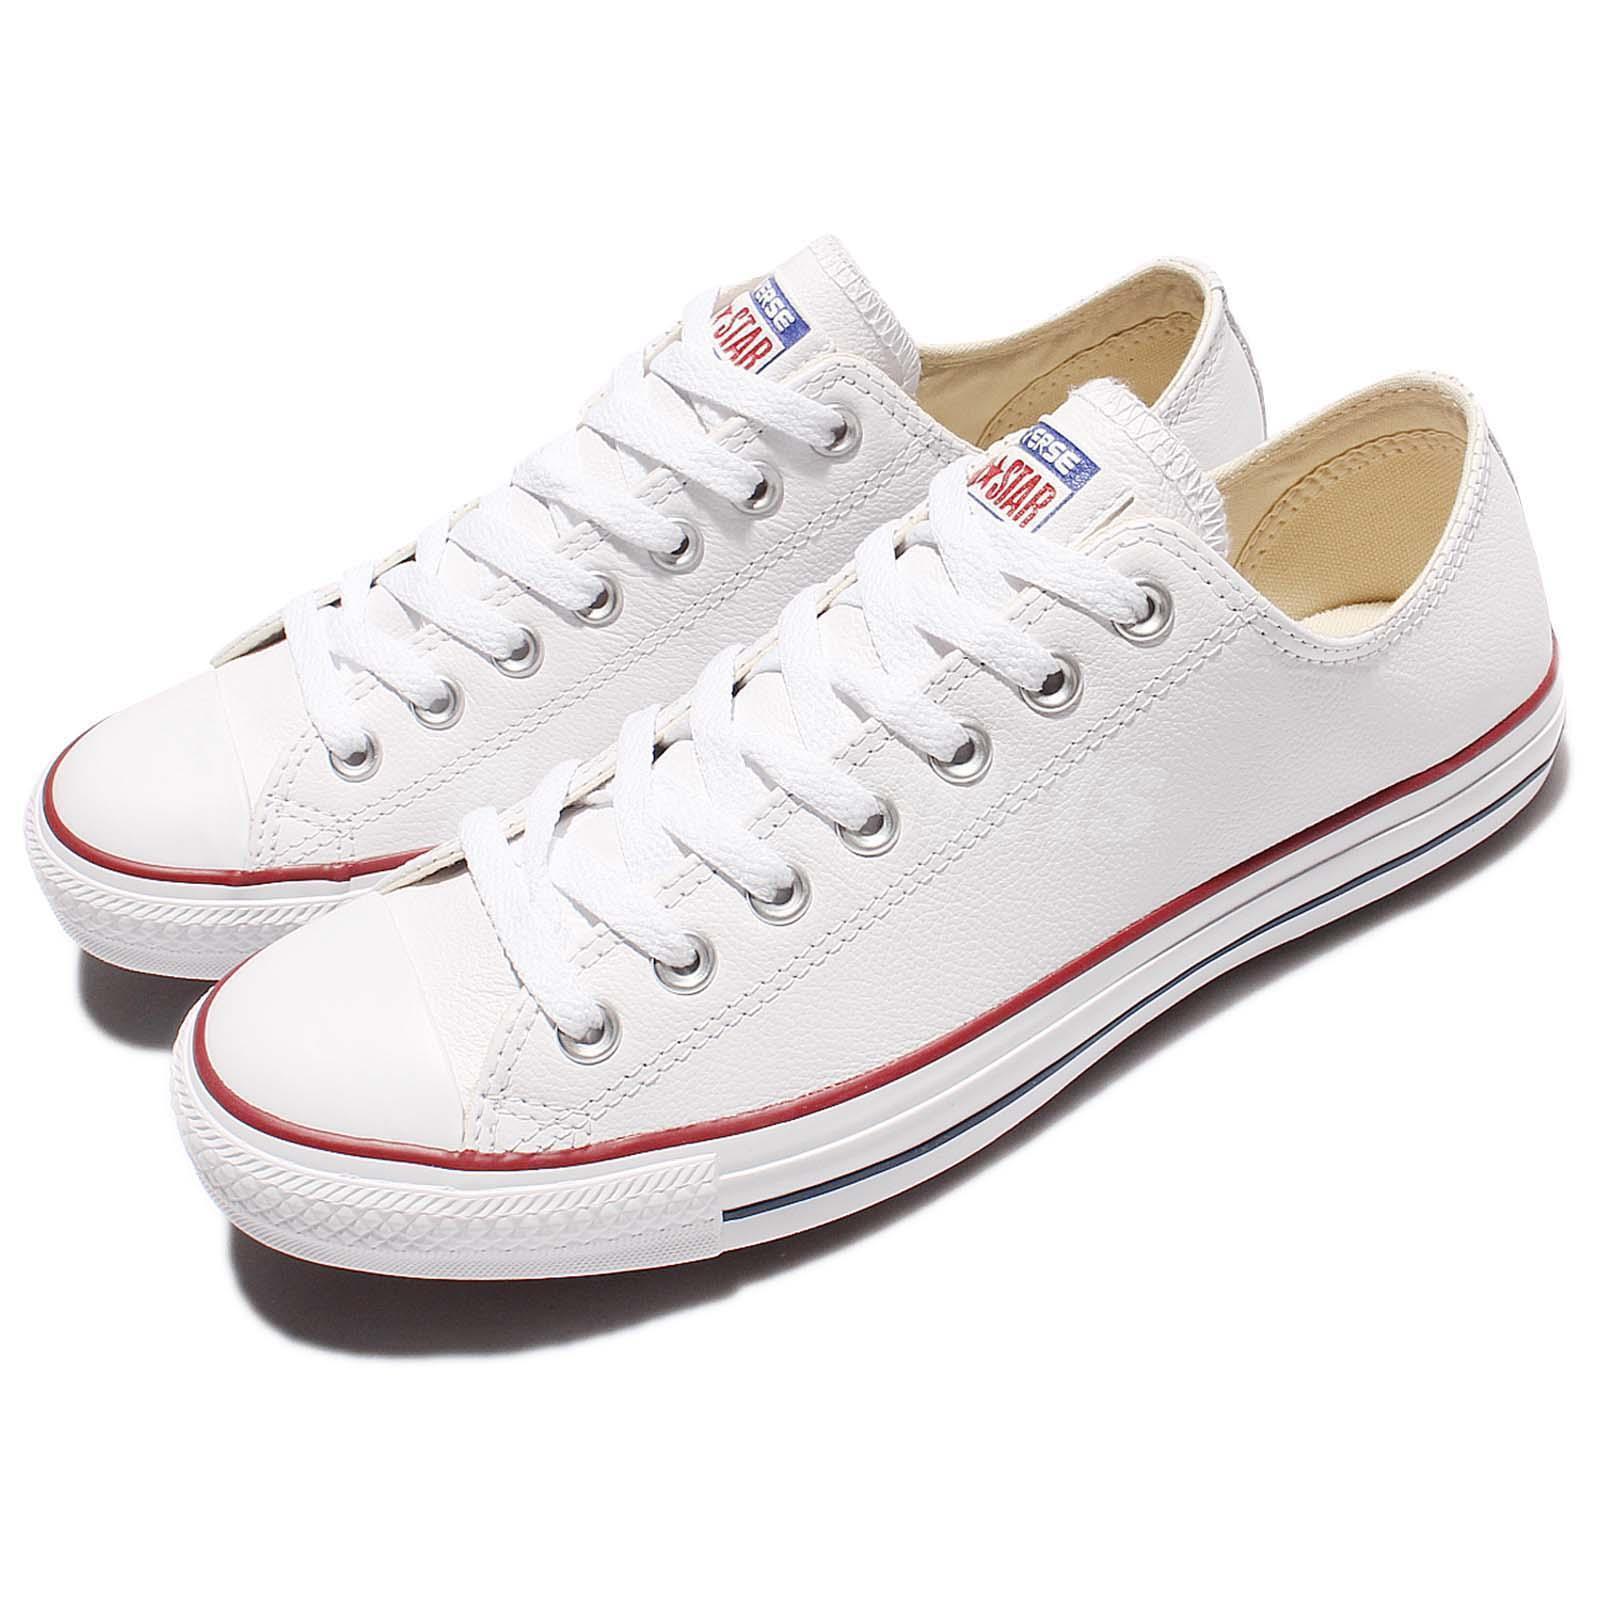 """ea65c3535 Converse Chuck Taylor All Star Ox Blanco De De De Cuero Zapatos Tenis Para  Hombre Mujer. """""""